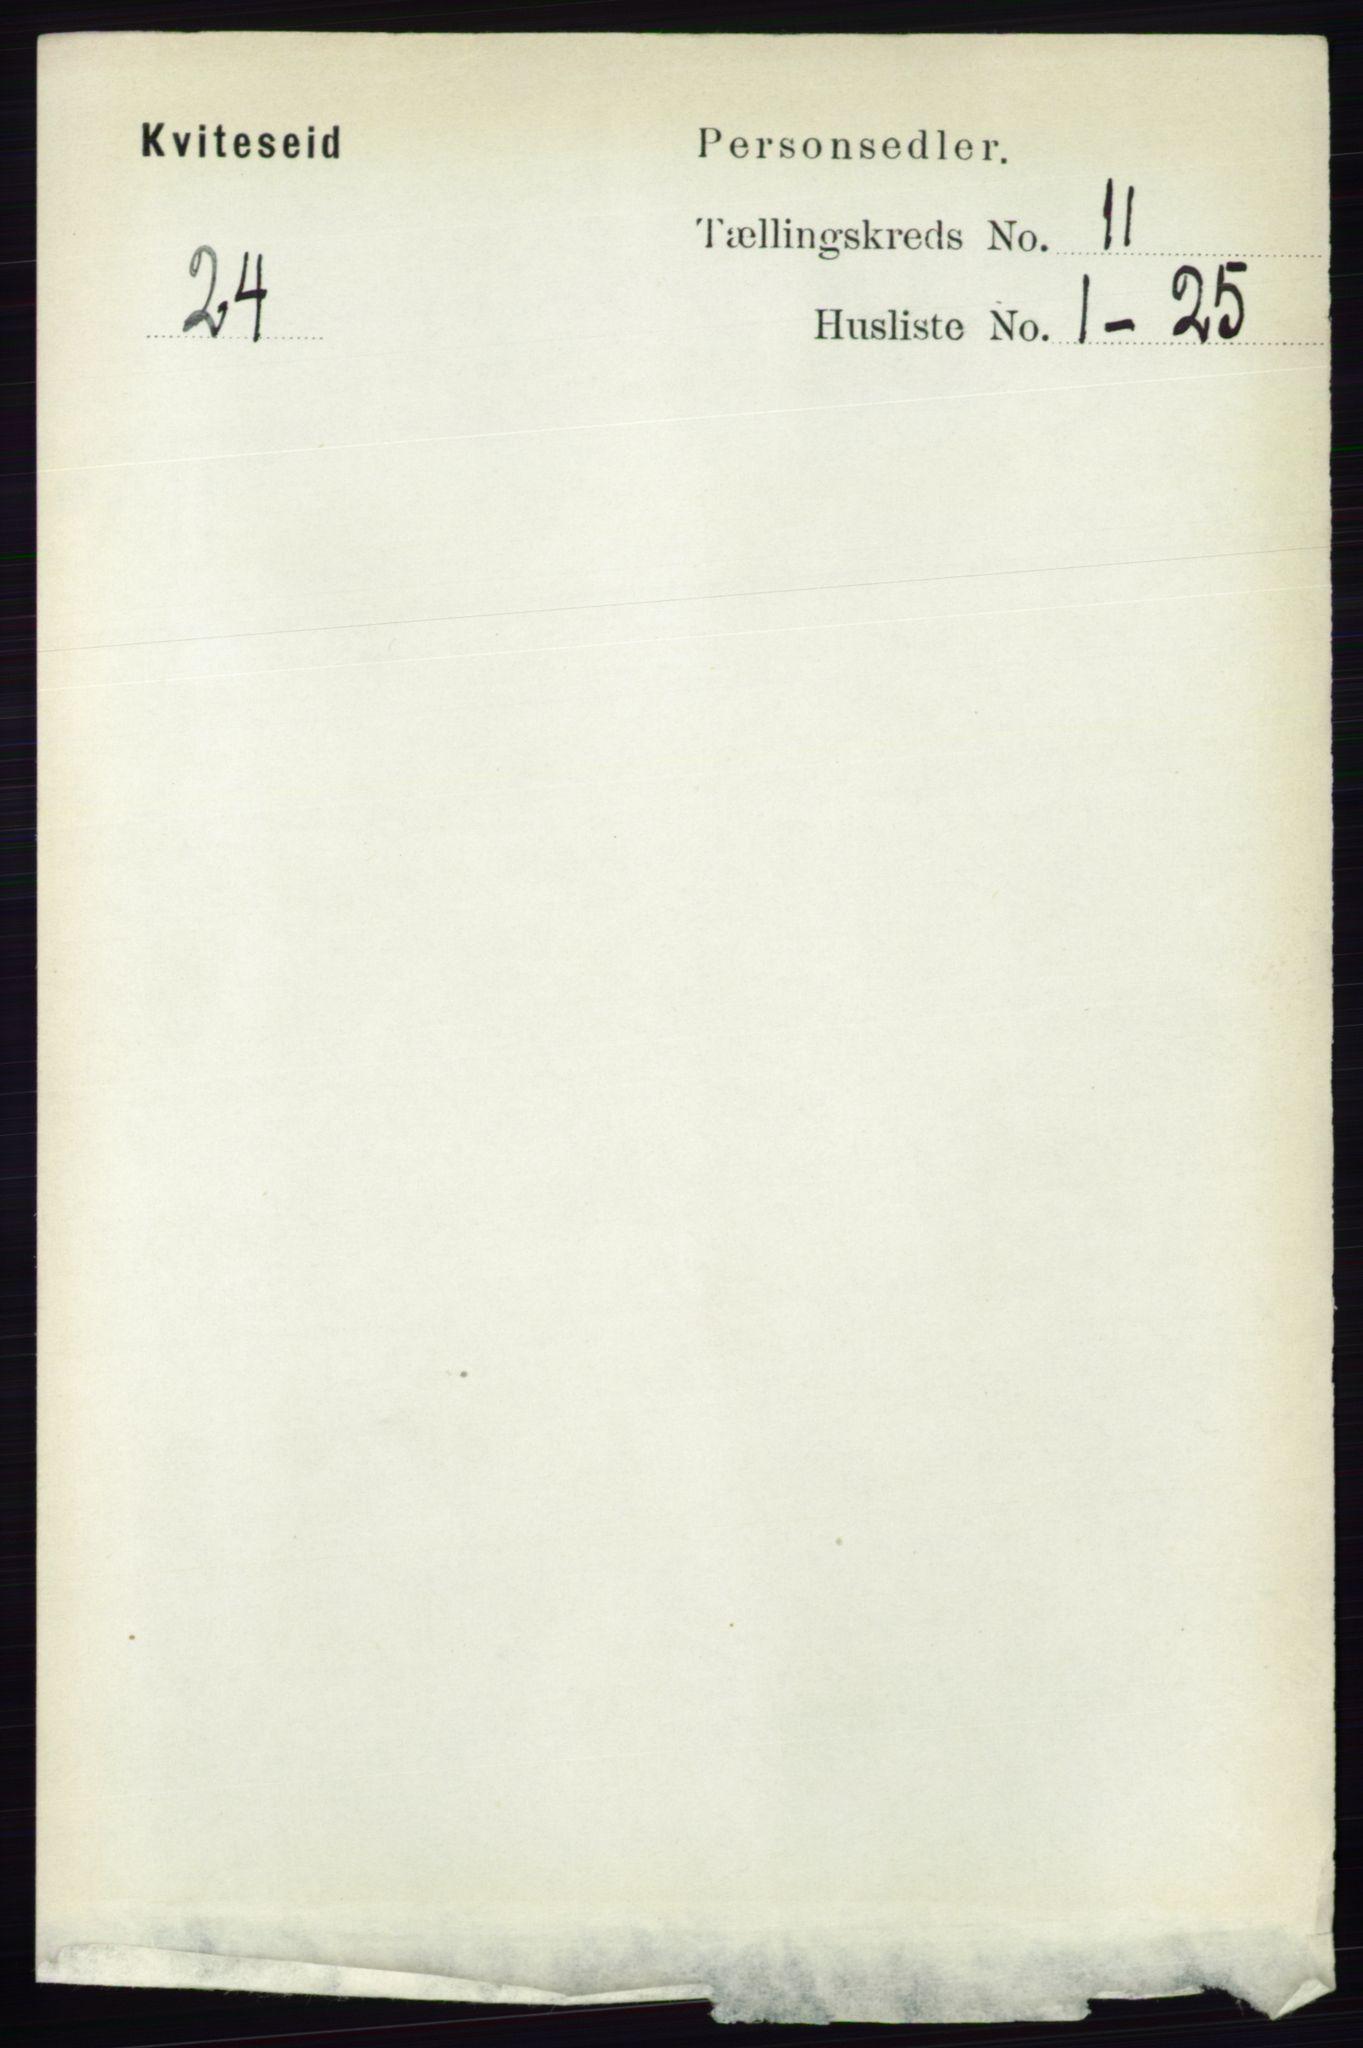 RA, Folketelling 1891 for 0829 Kviteseid herred, 1891, s. 2550